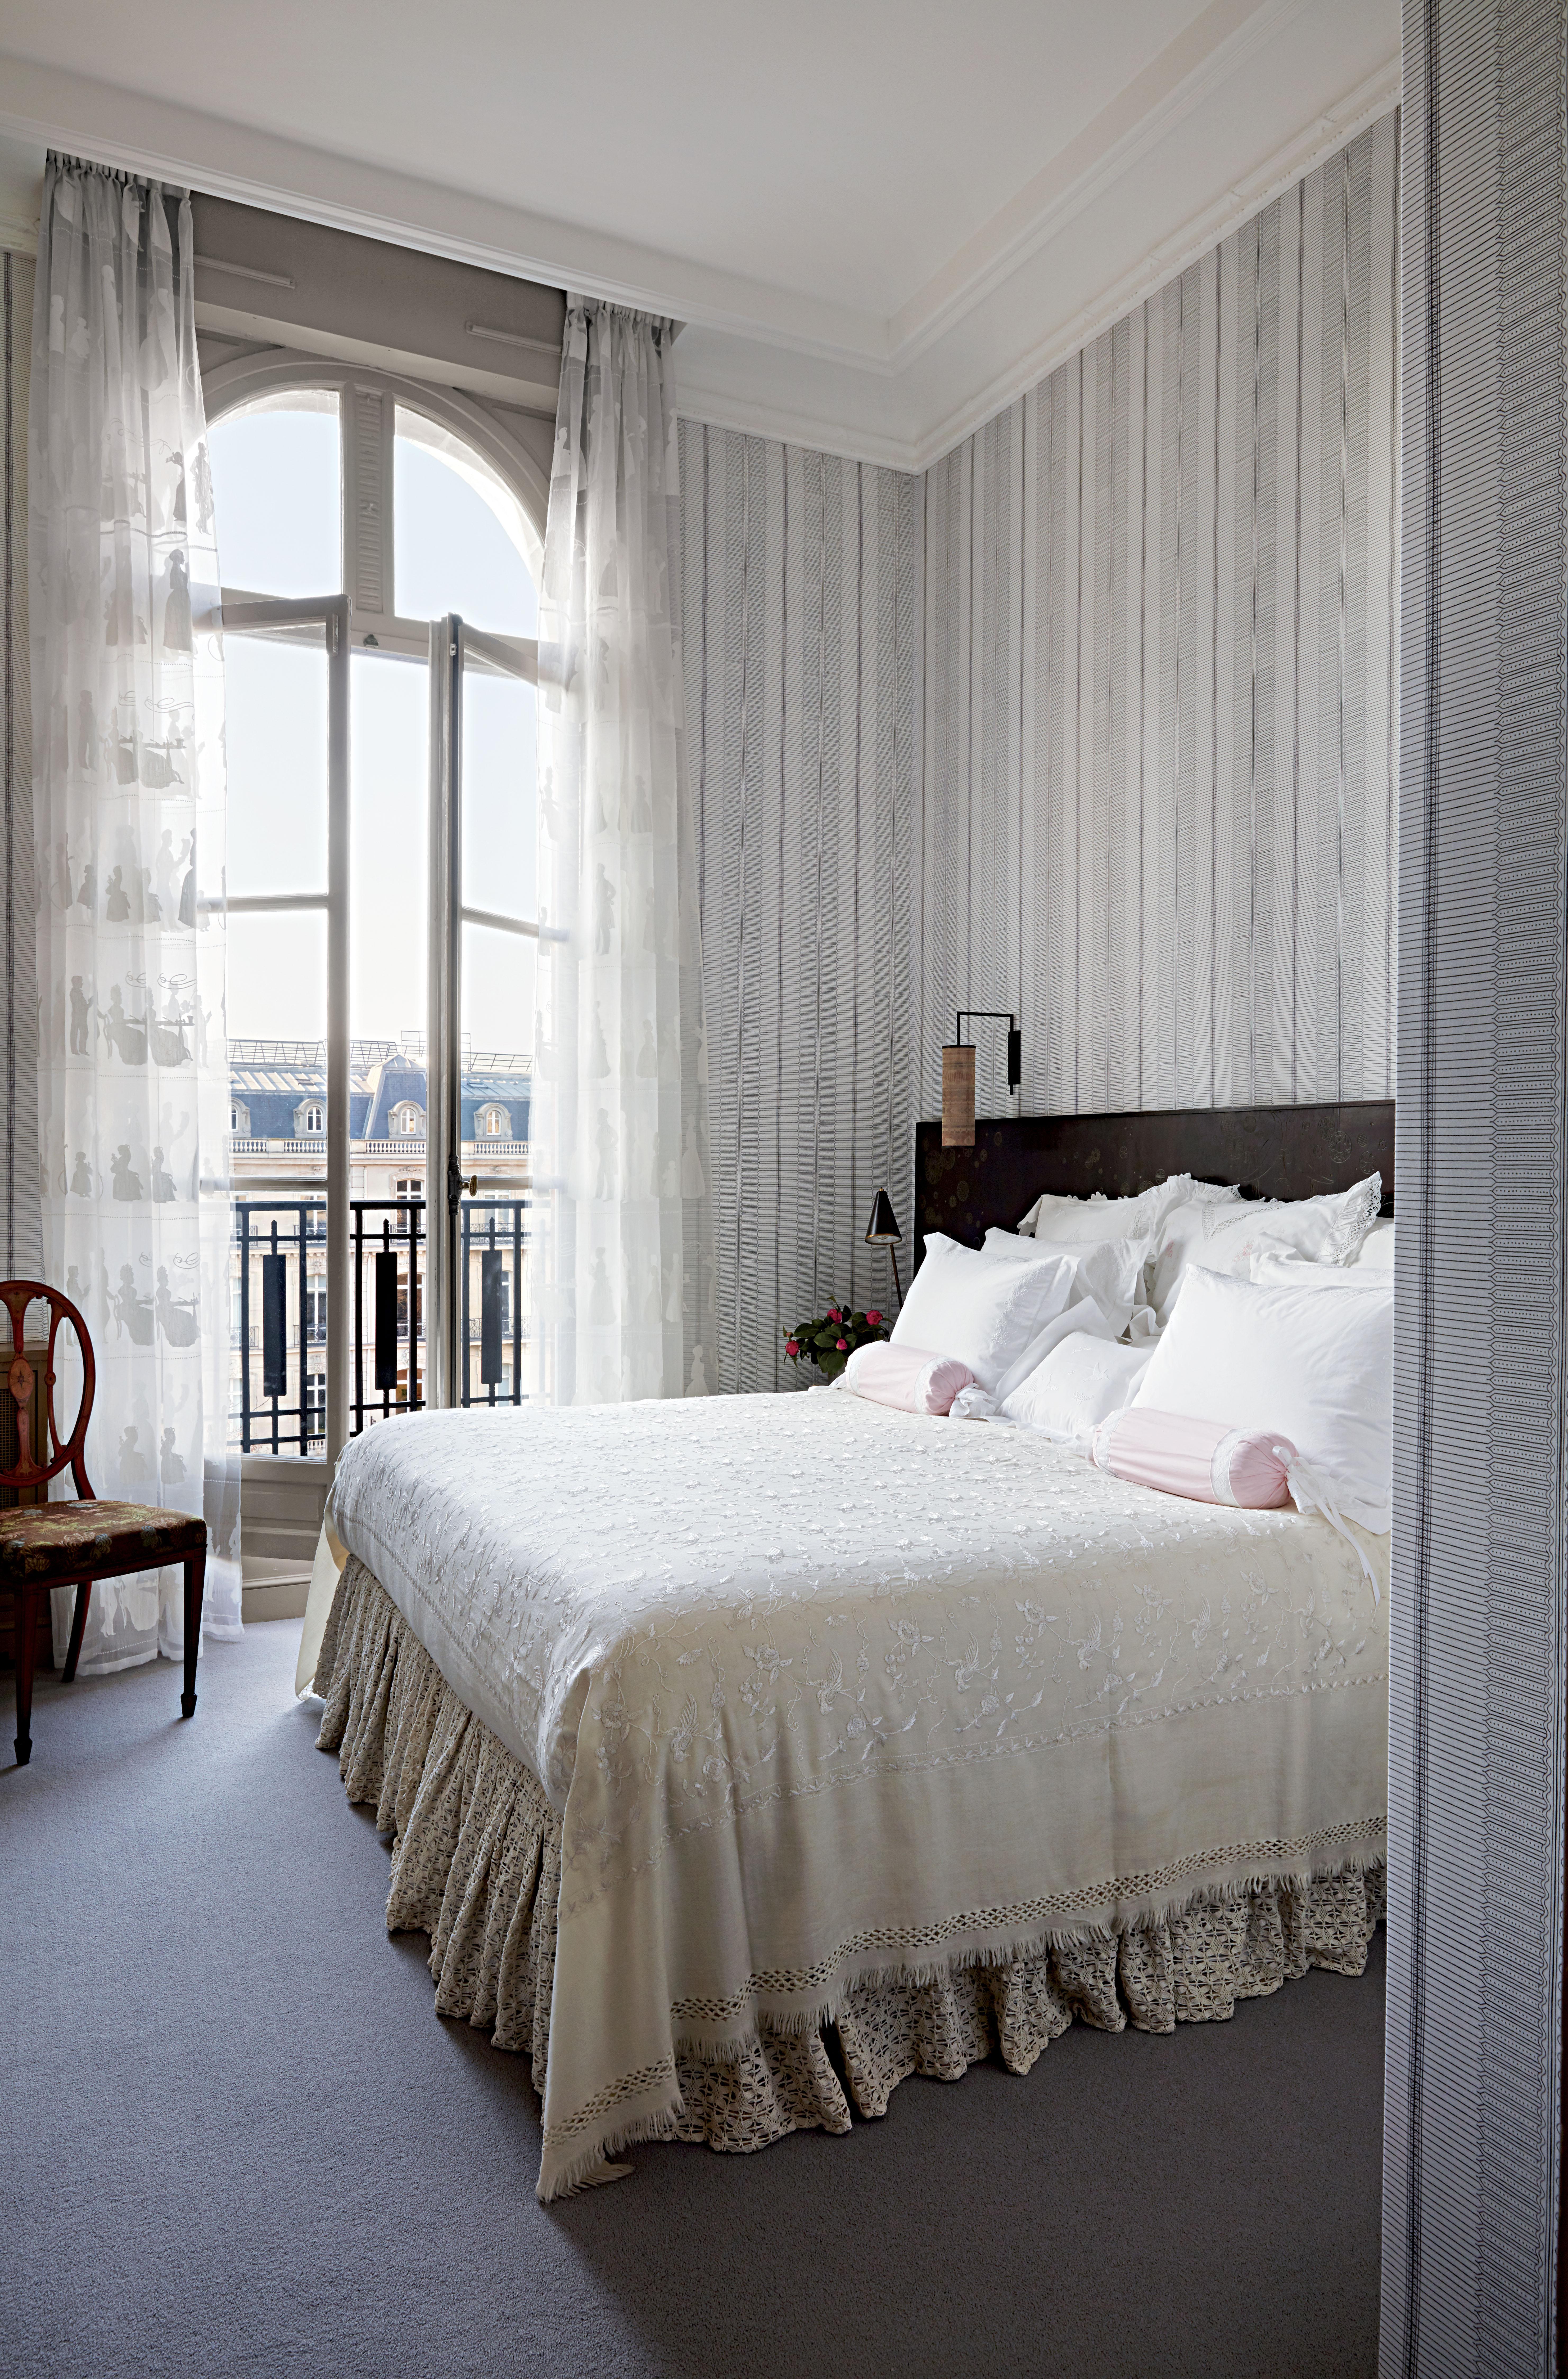 muriel brandolini u0026 39 s chic paris apartment